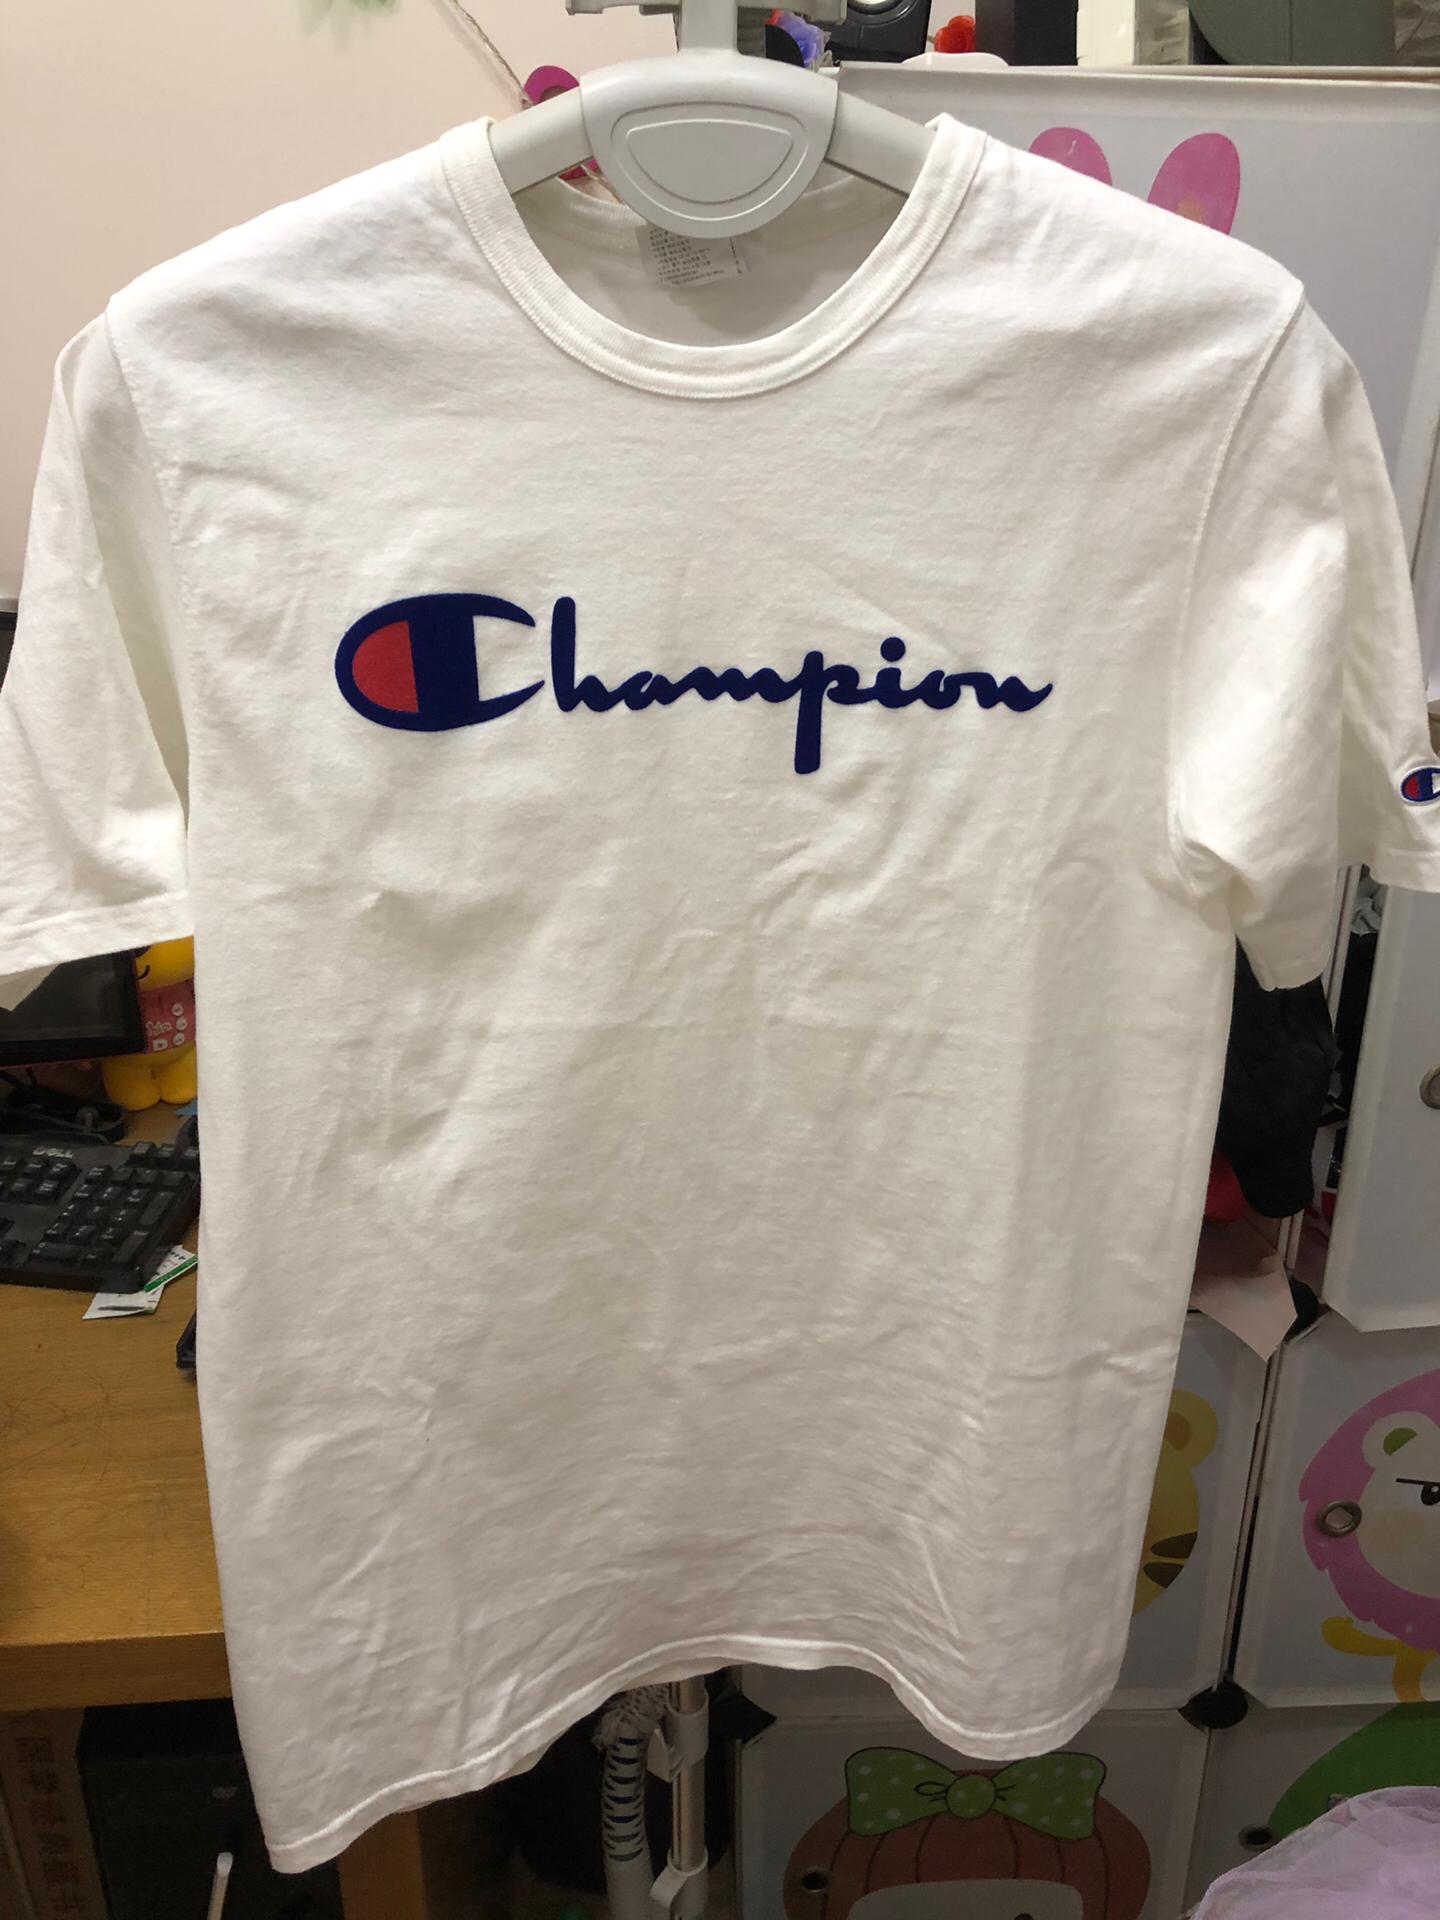 正品冠军T,属于厚一点的料子,买时380,韩国专卖店买回,只